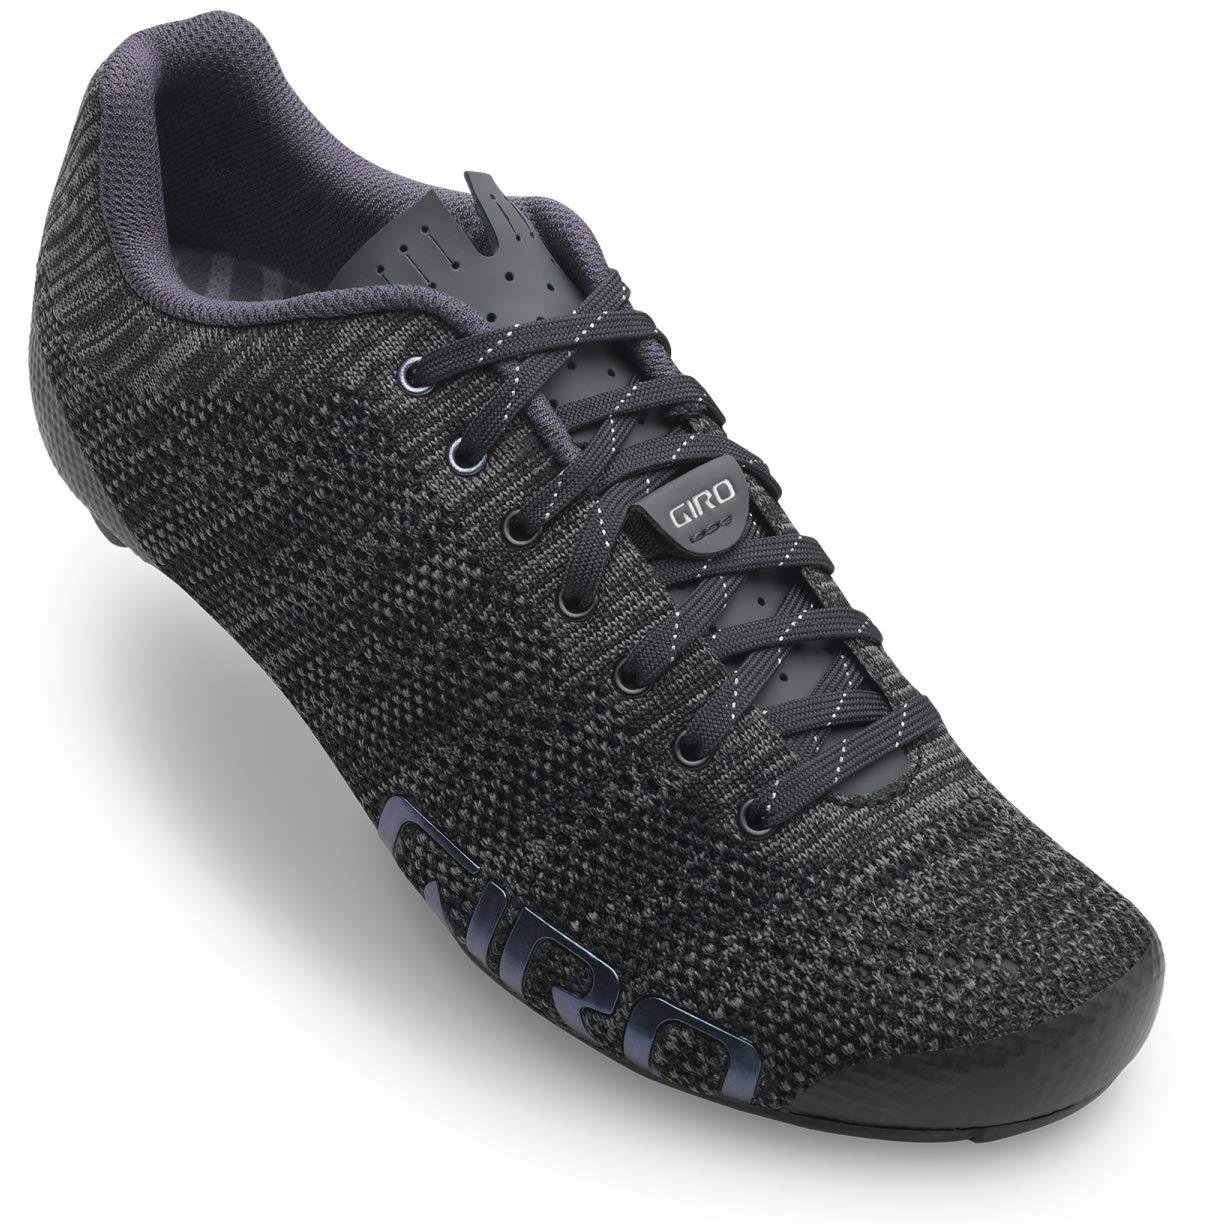 Giro Empire E70 Knit Cycling Shoe - Women's Black Heather 37 by Giro